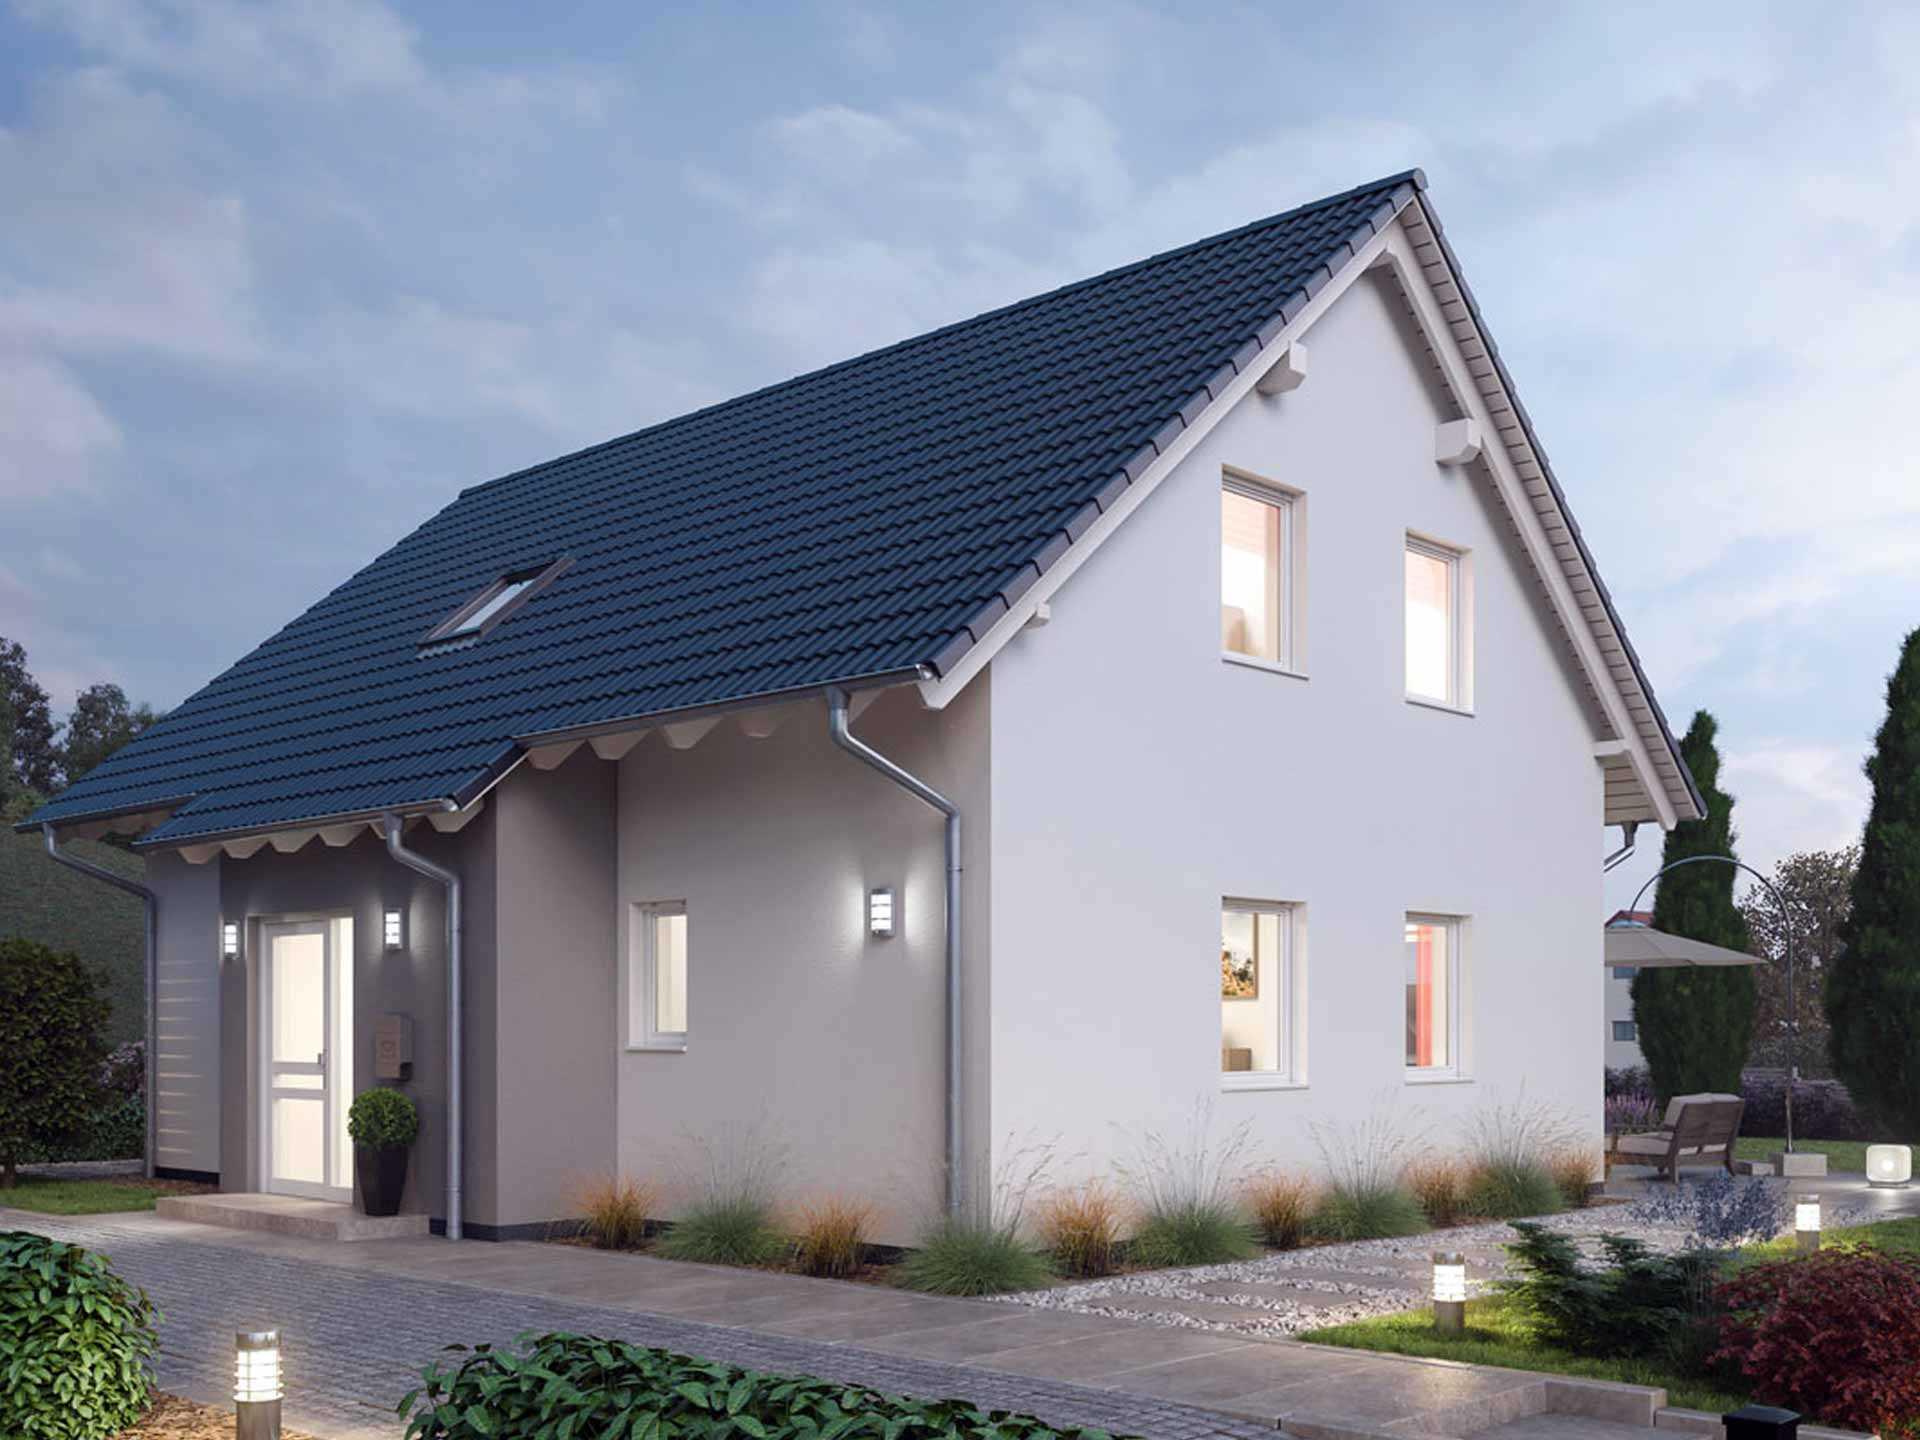 Einfamilienhaus 151 - Ytong Bausatzhaus | Musterhaus.net